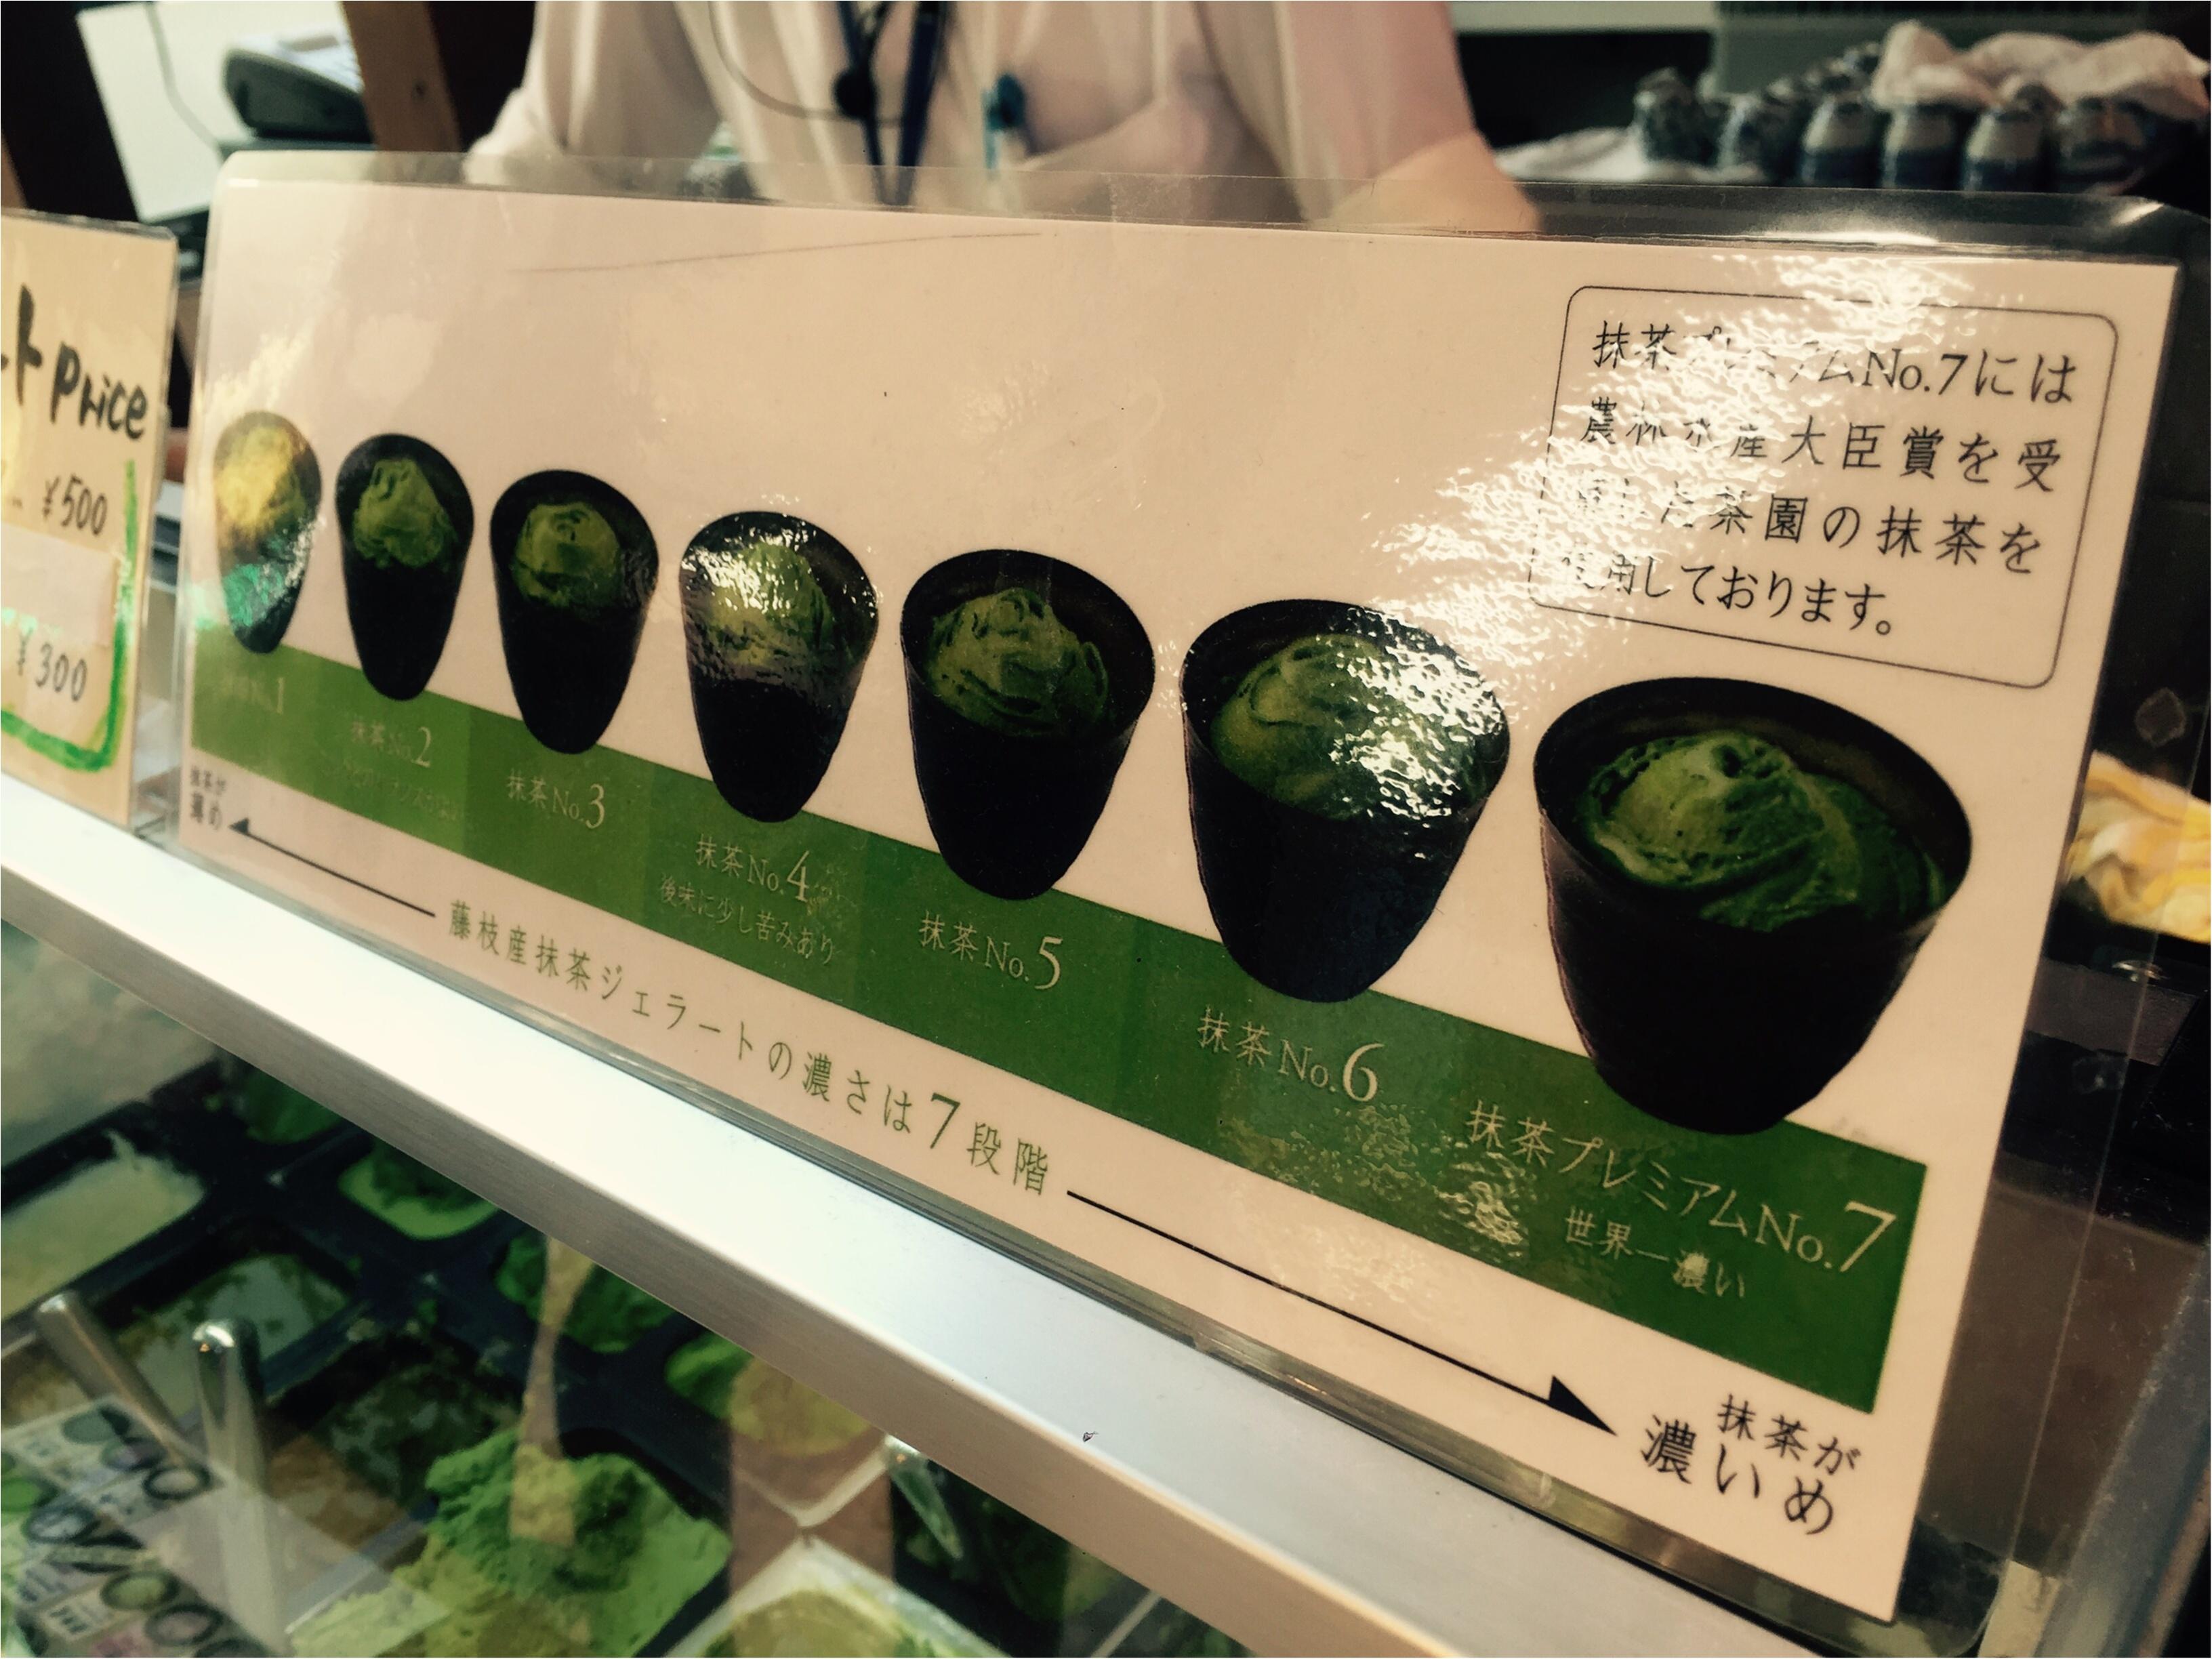 世界で一番濃い抹茶アイス!静岡のななやの抹茶アイスが濃厚すぎる♡_3